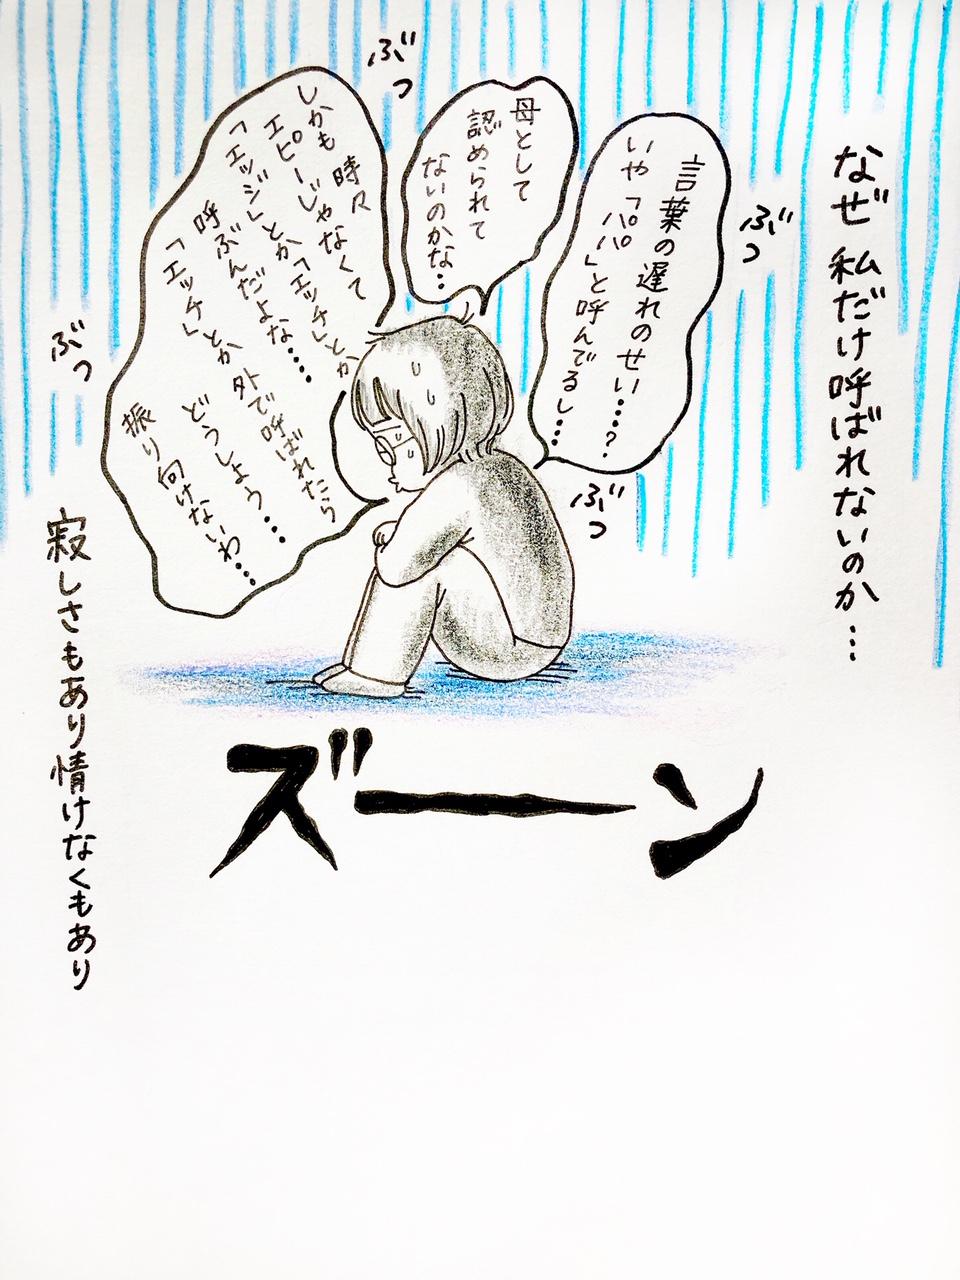 ママの呼び名がどうして○○○なの!?|オーマイゴッドファミリー#2